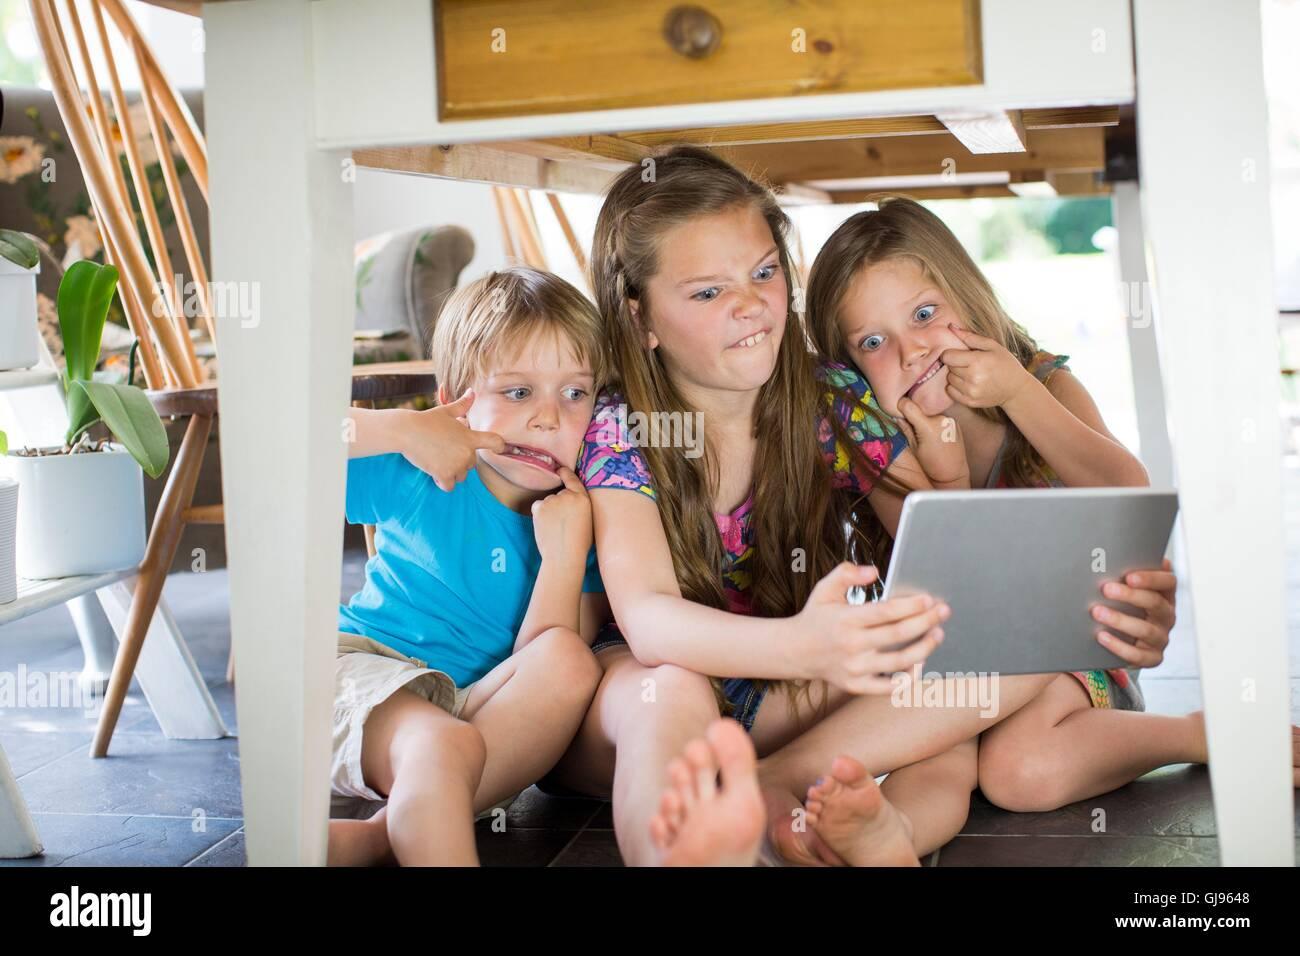 Parution de la propriété. Parution du modèle. Trois sœurs de table avec tablette numérique. Photo Stock